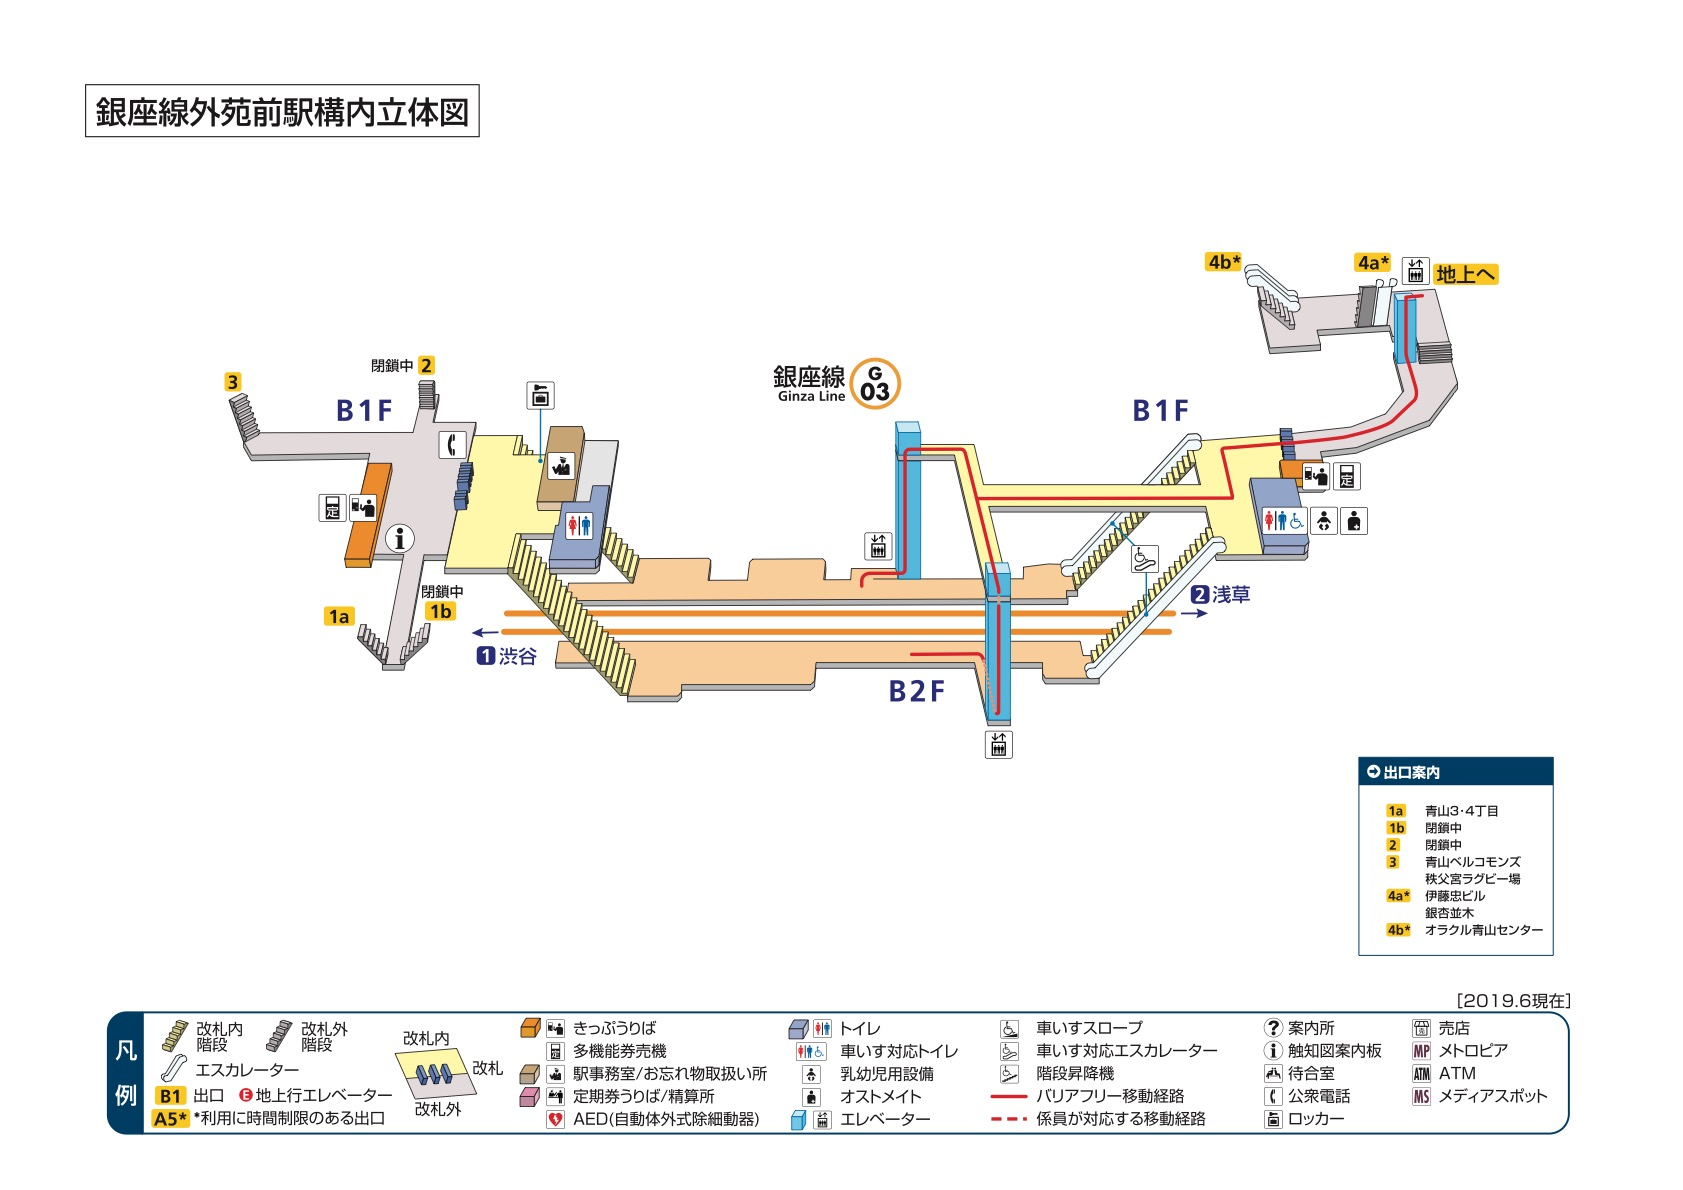 構内図 | 外苑前駅/G03 | 東京メ...